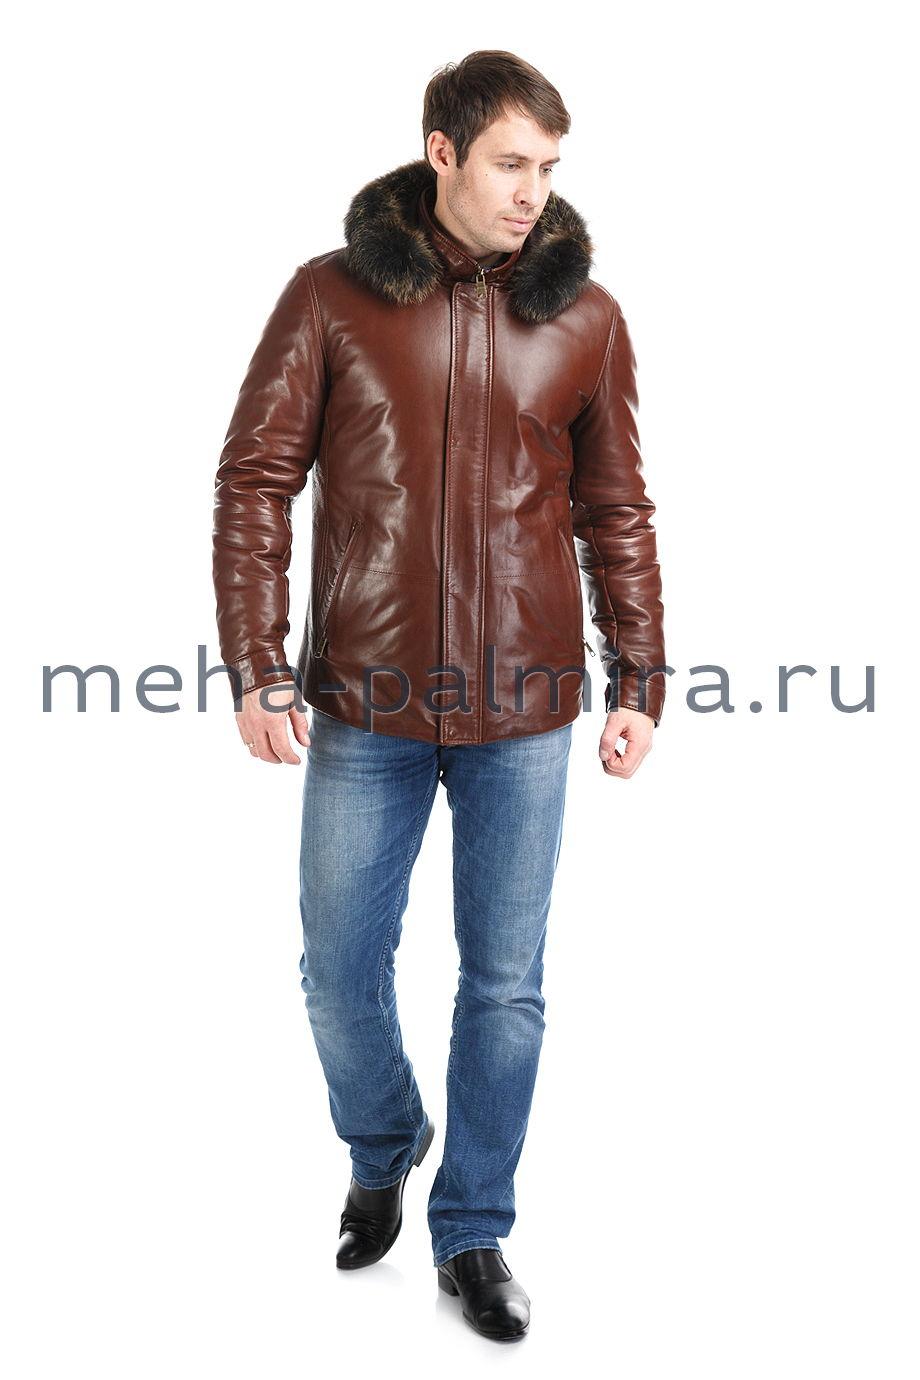 Коричневый кожаный пуховик на молнии со съемным капюшоном, коричневый